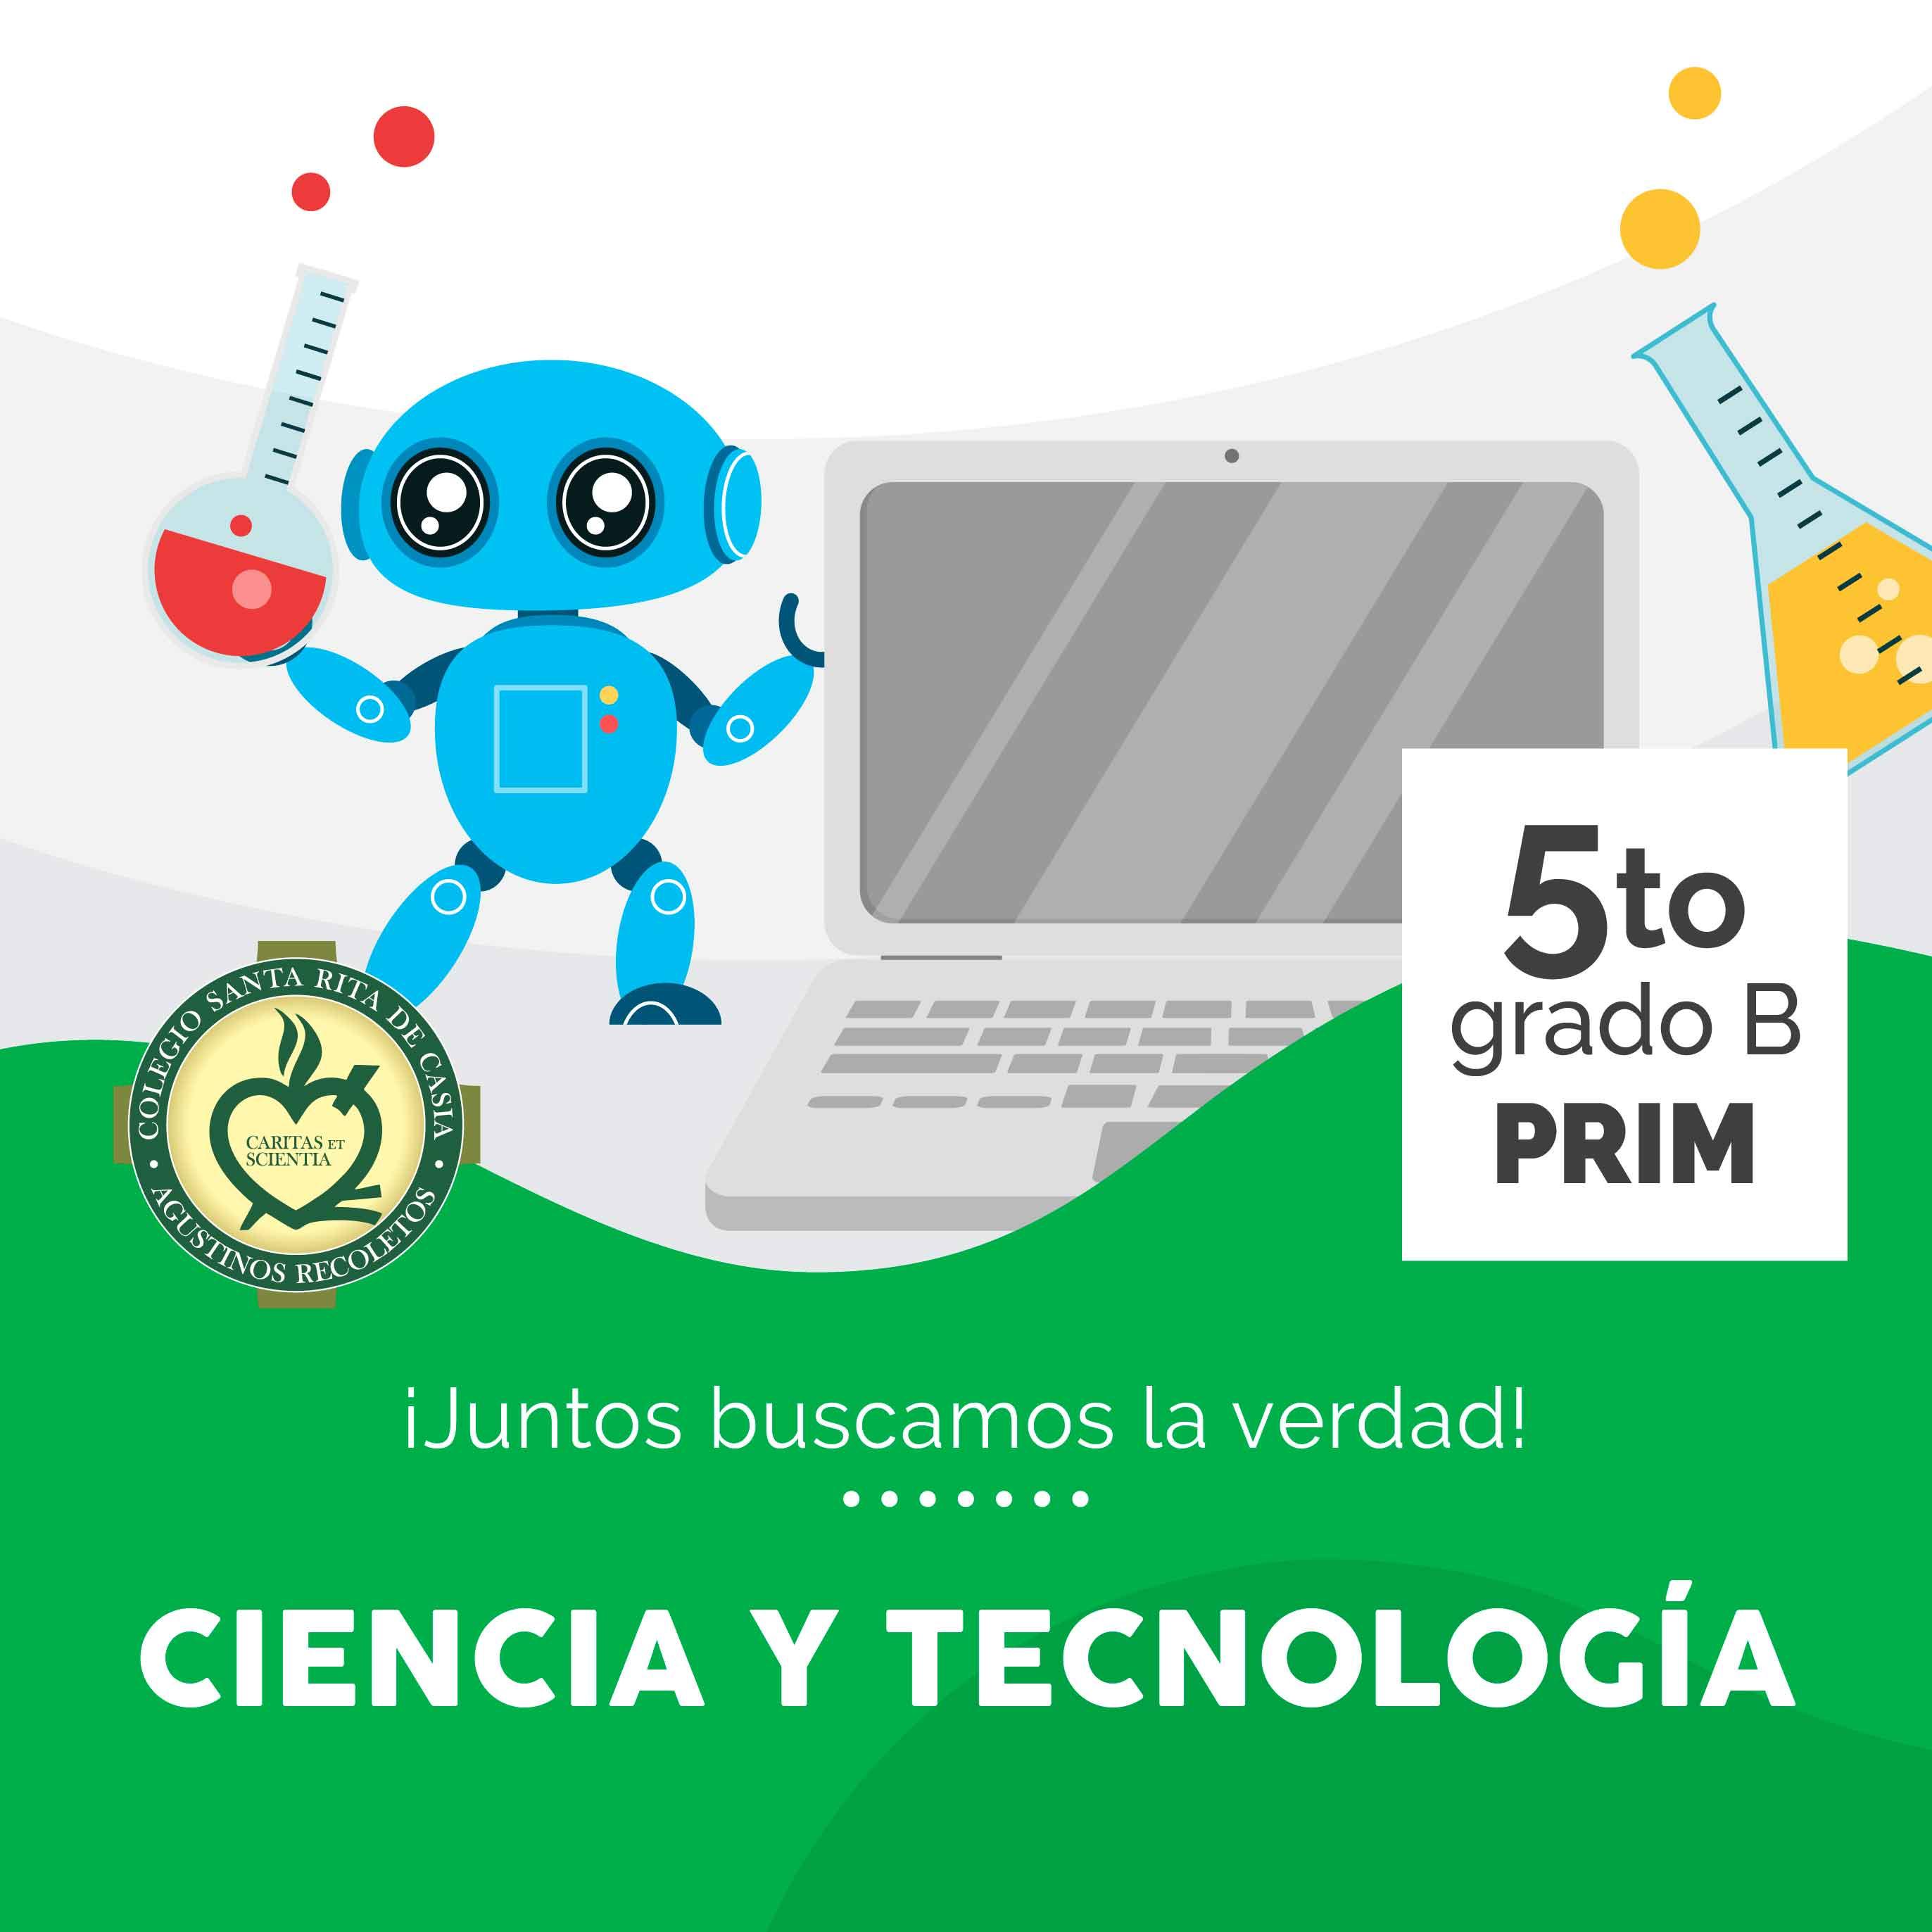 Ciencia y Tecnología 5to Grado B